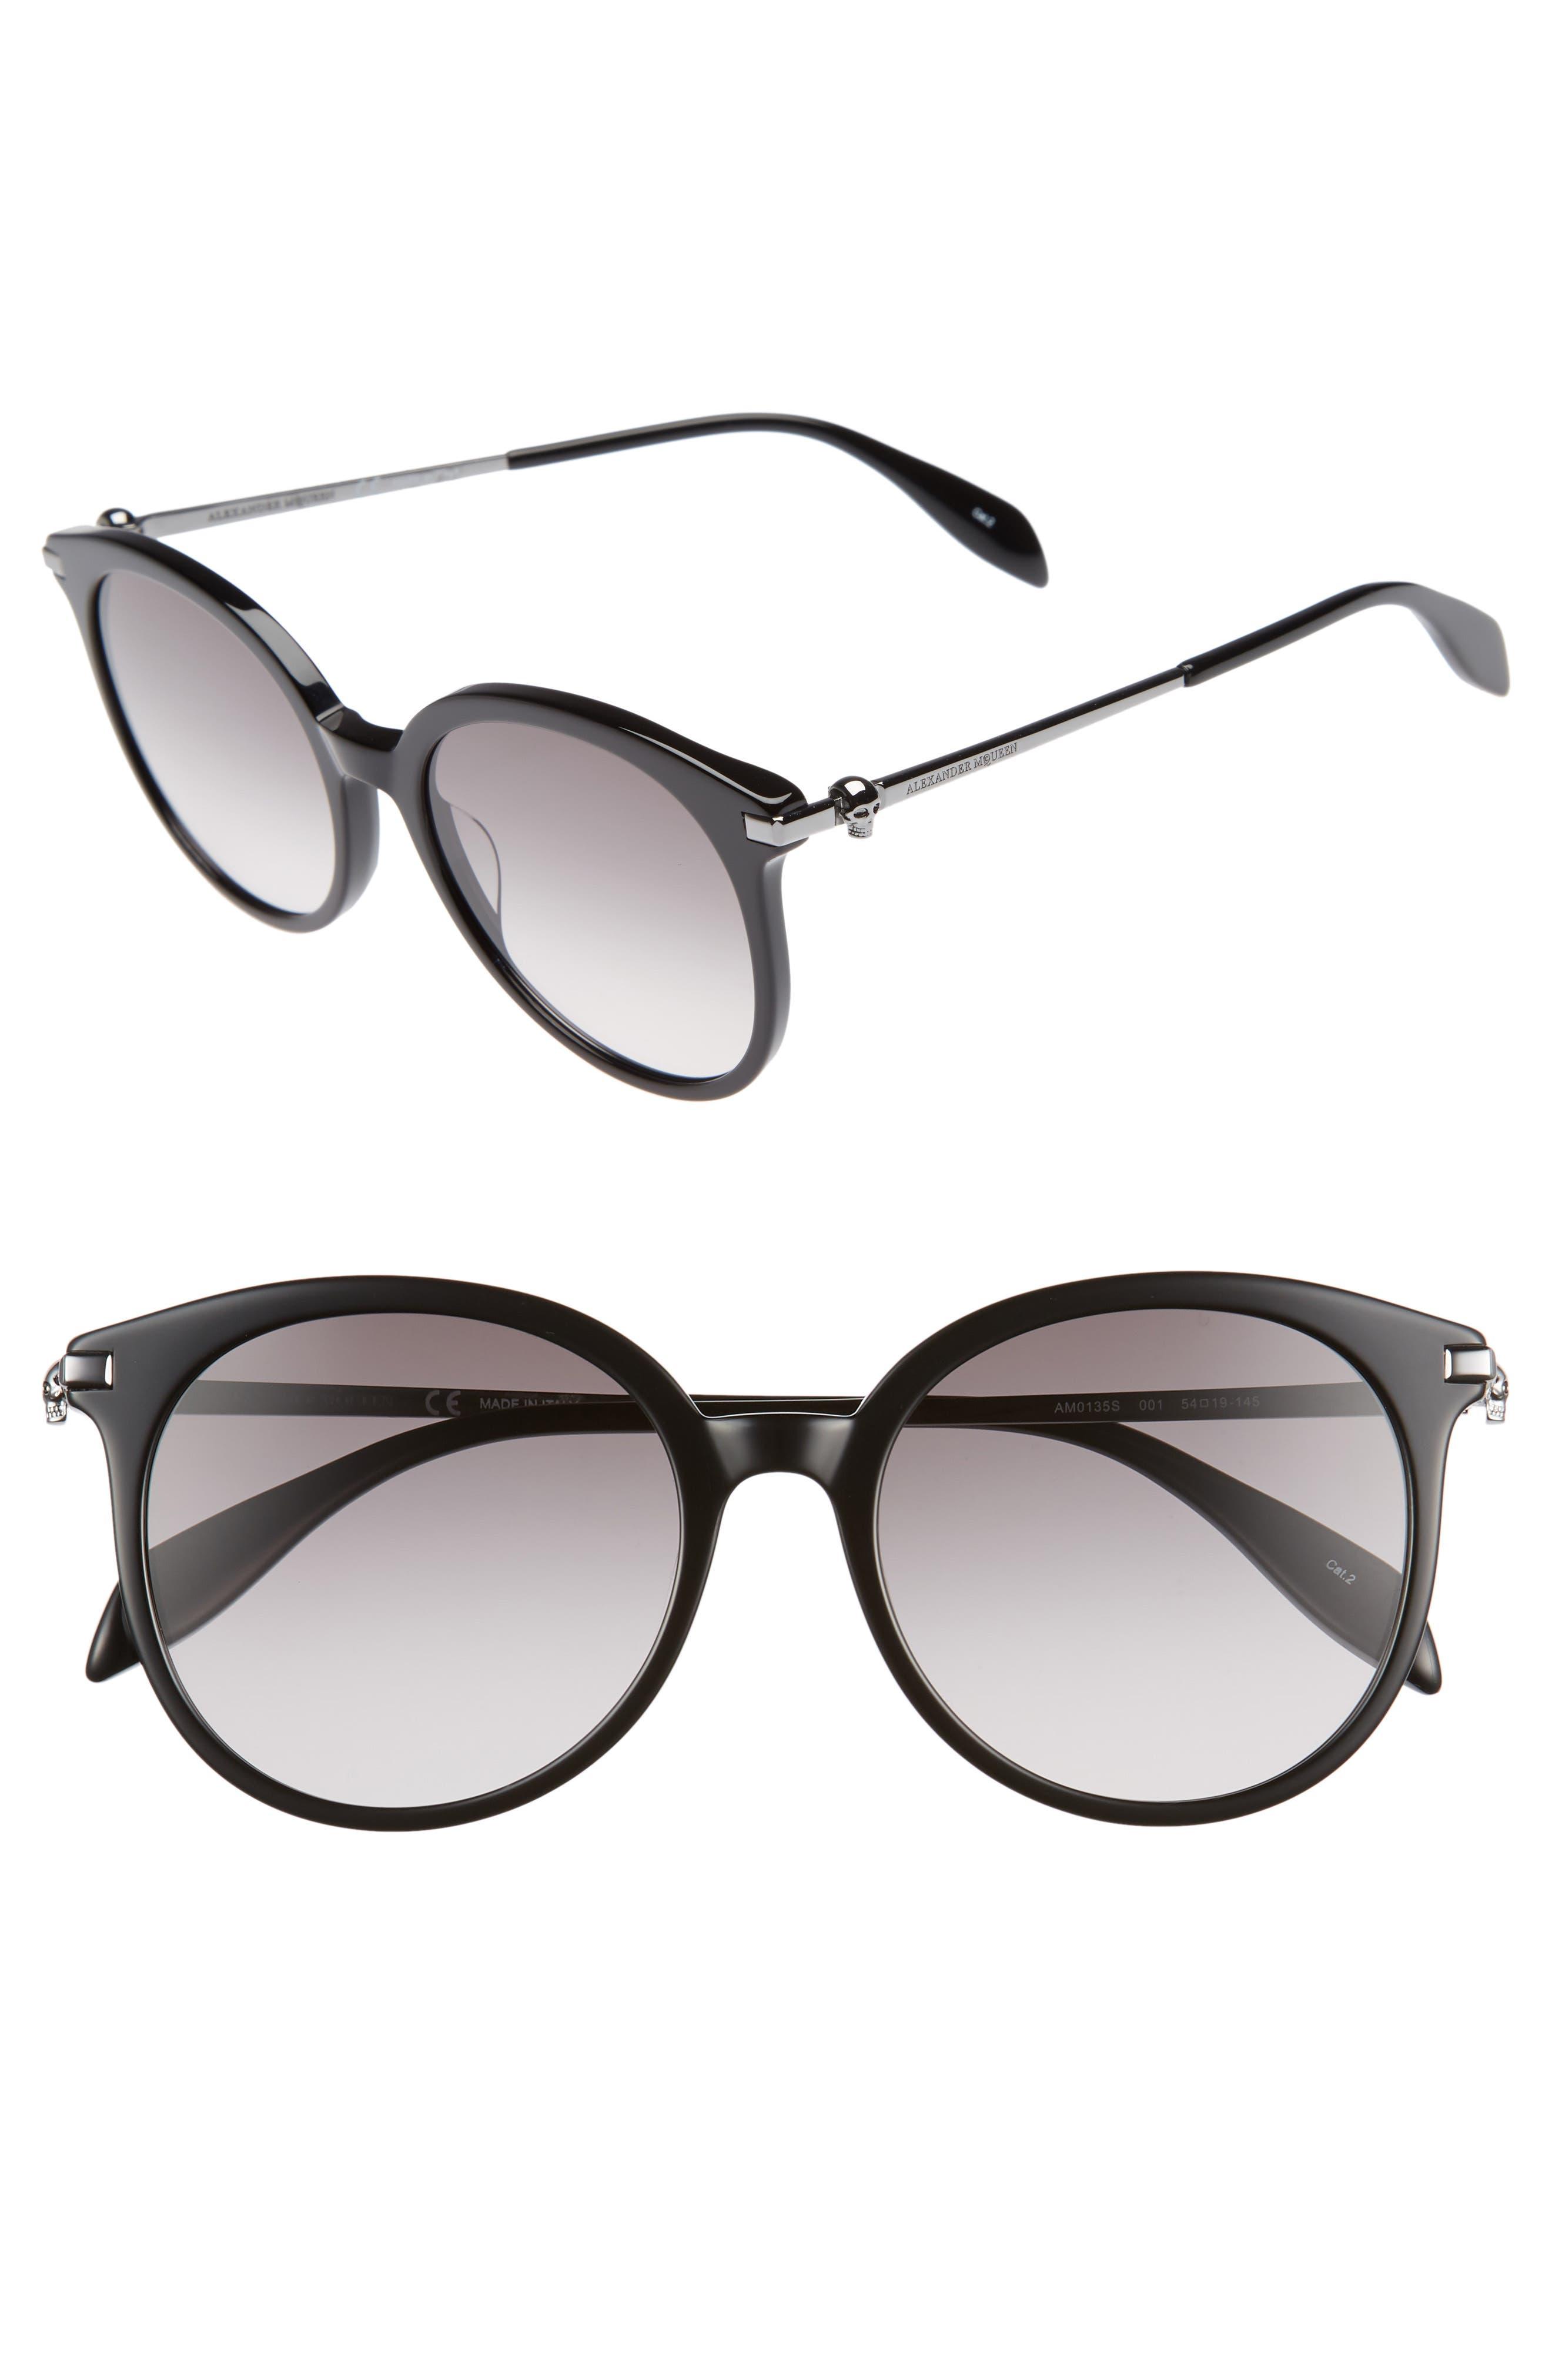 54mm Gradient Lens Round Sunglasses,                             Main thumbnail 1, color,                             Dark Ruthenium/ Black